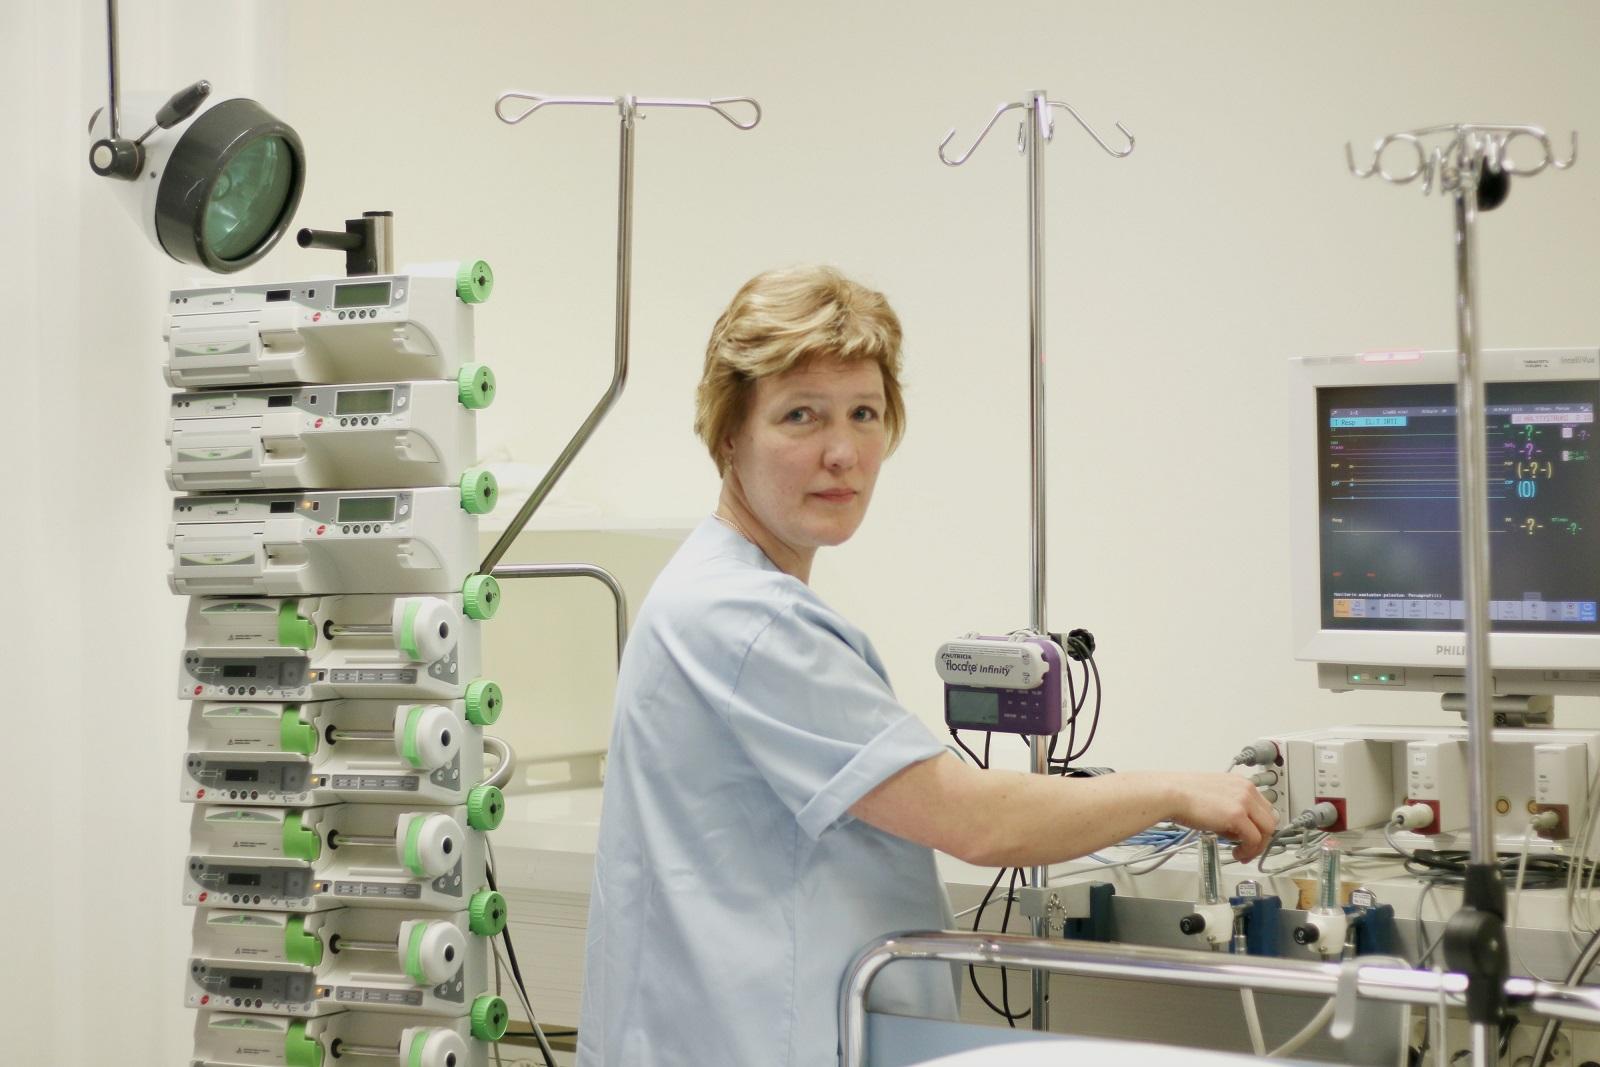 Satu Lukkala työssään erilaisten hoitoon liittyvien laitteiden keskellä.